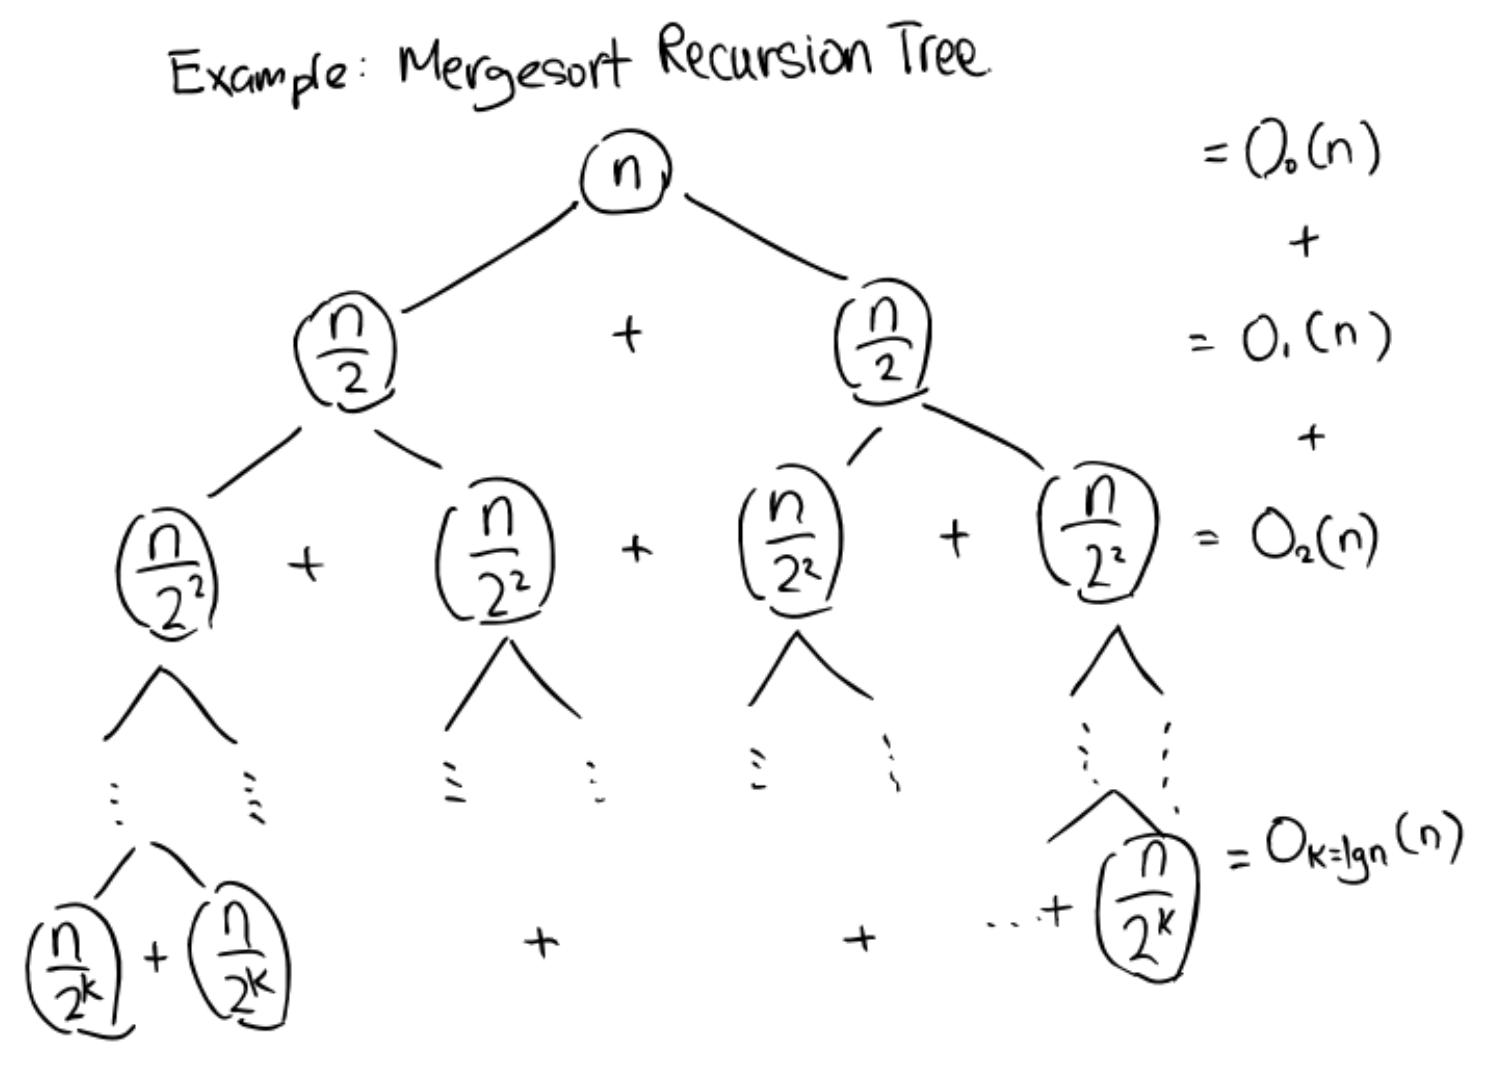 Mergesort Recursion Tree